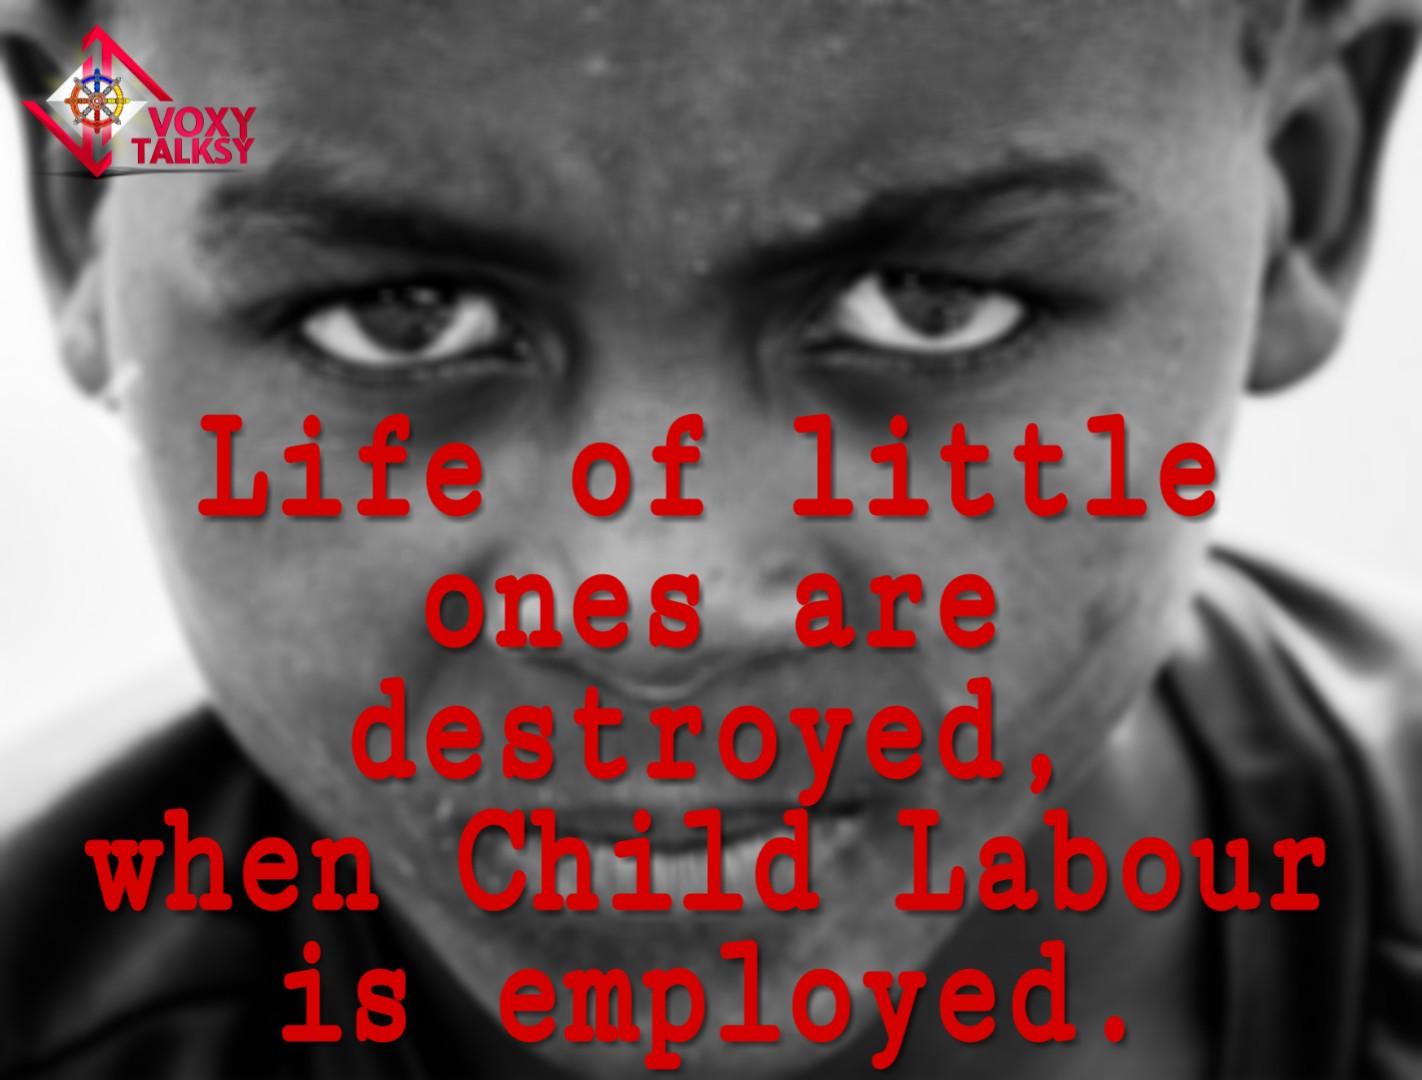 World day against child labour, voxytalksy